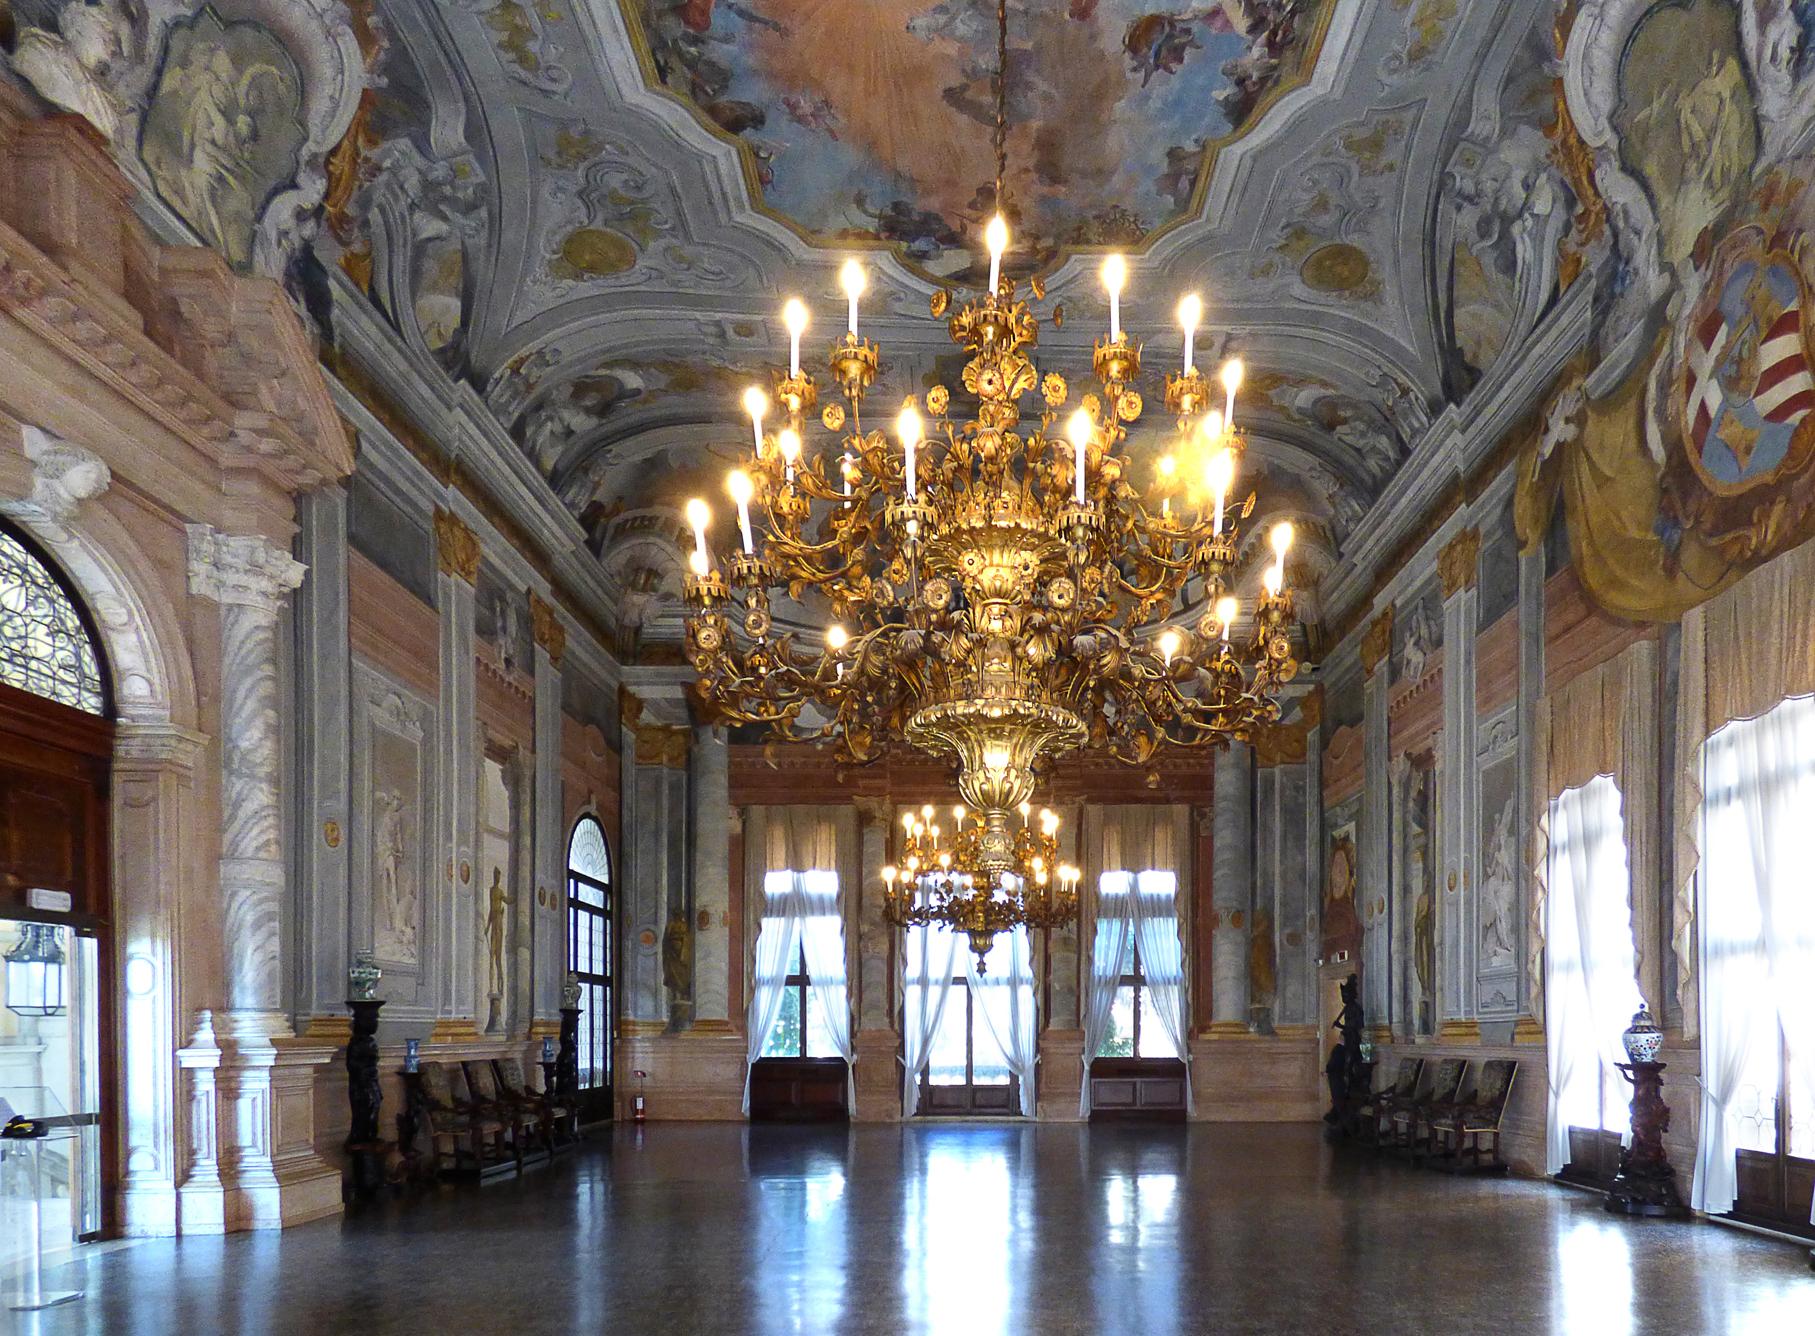 lampadario ca rezzonico : Ca Rezzonico a Venezia Orari, biglietti e come arrivare